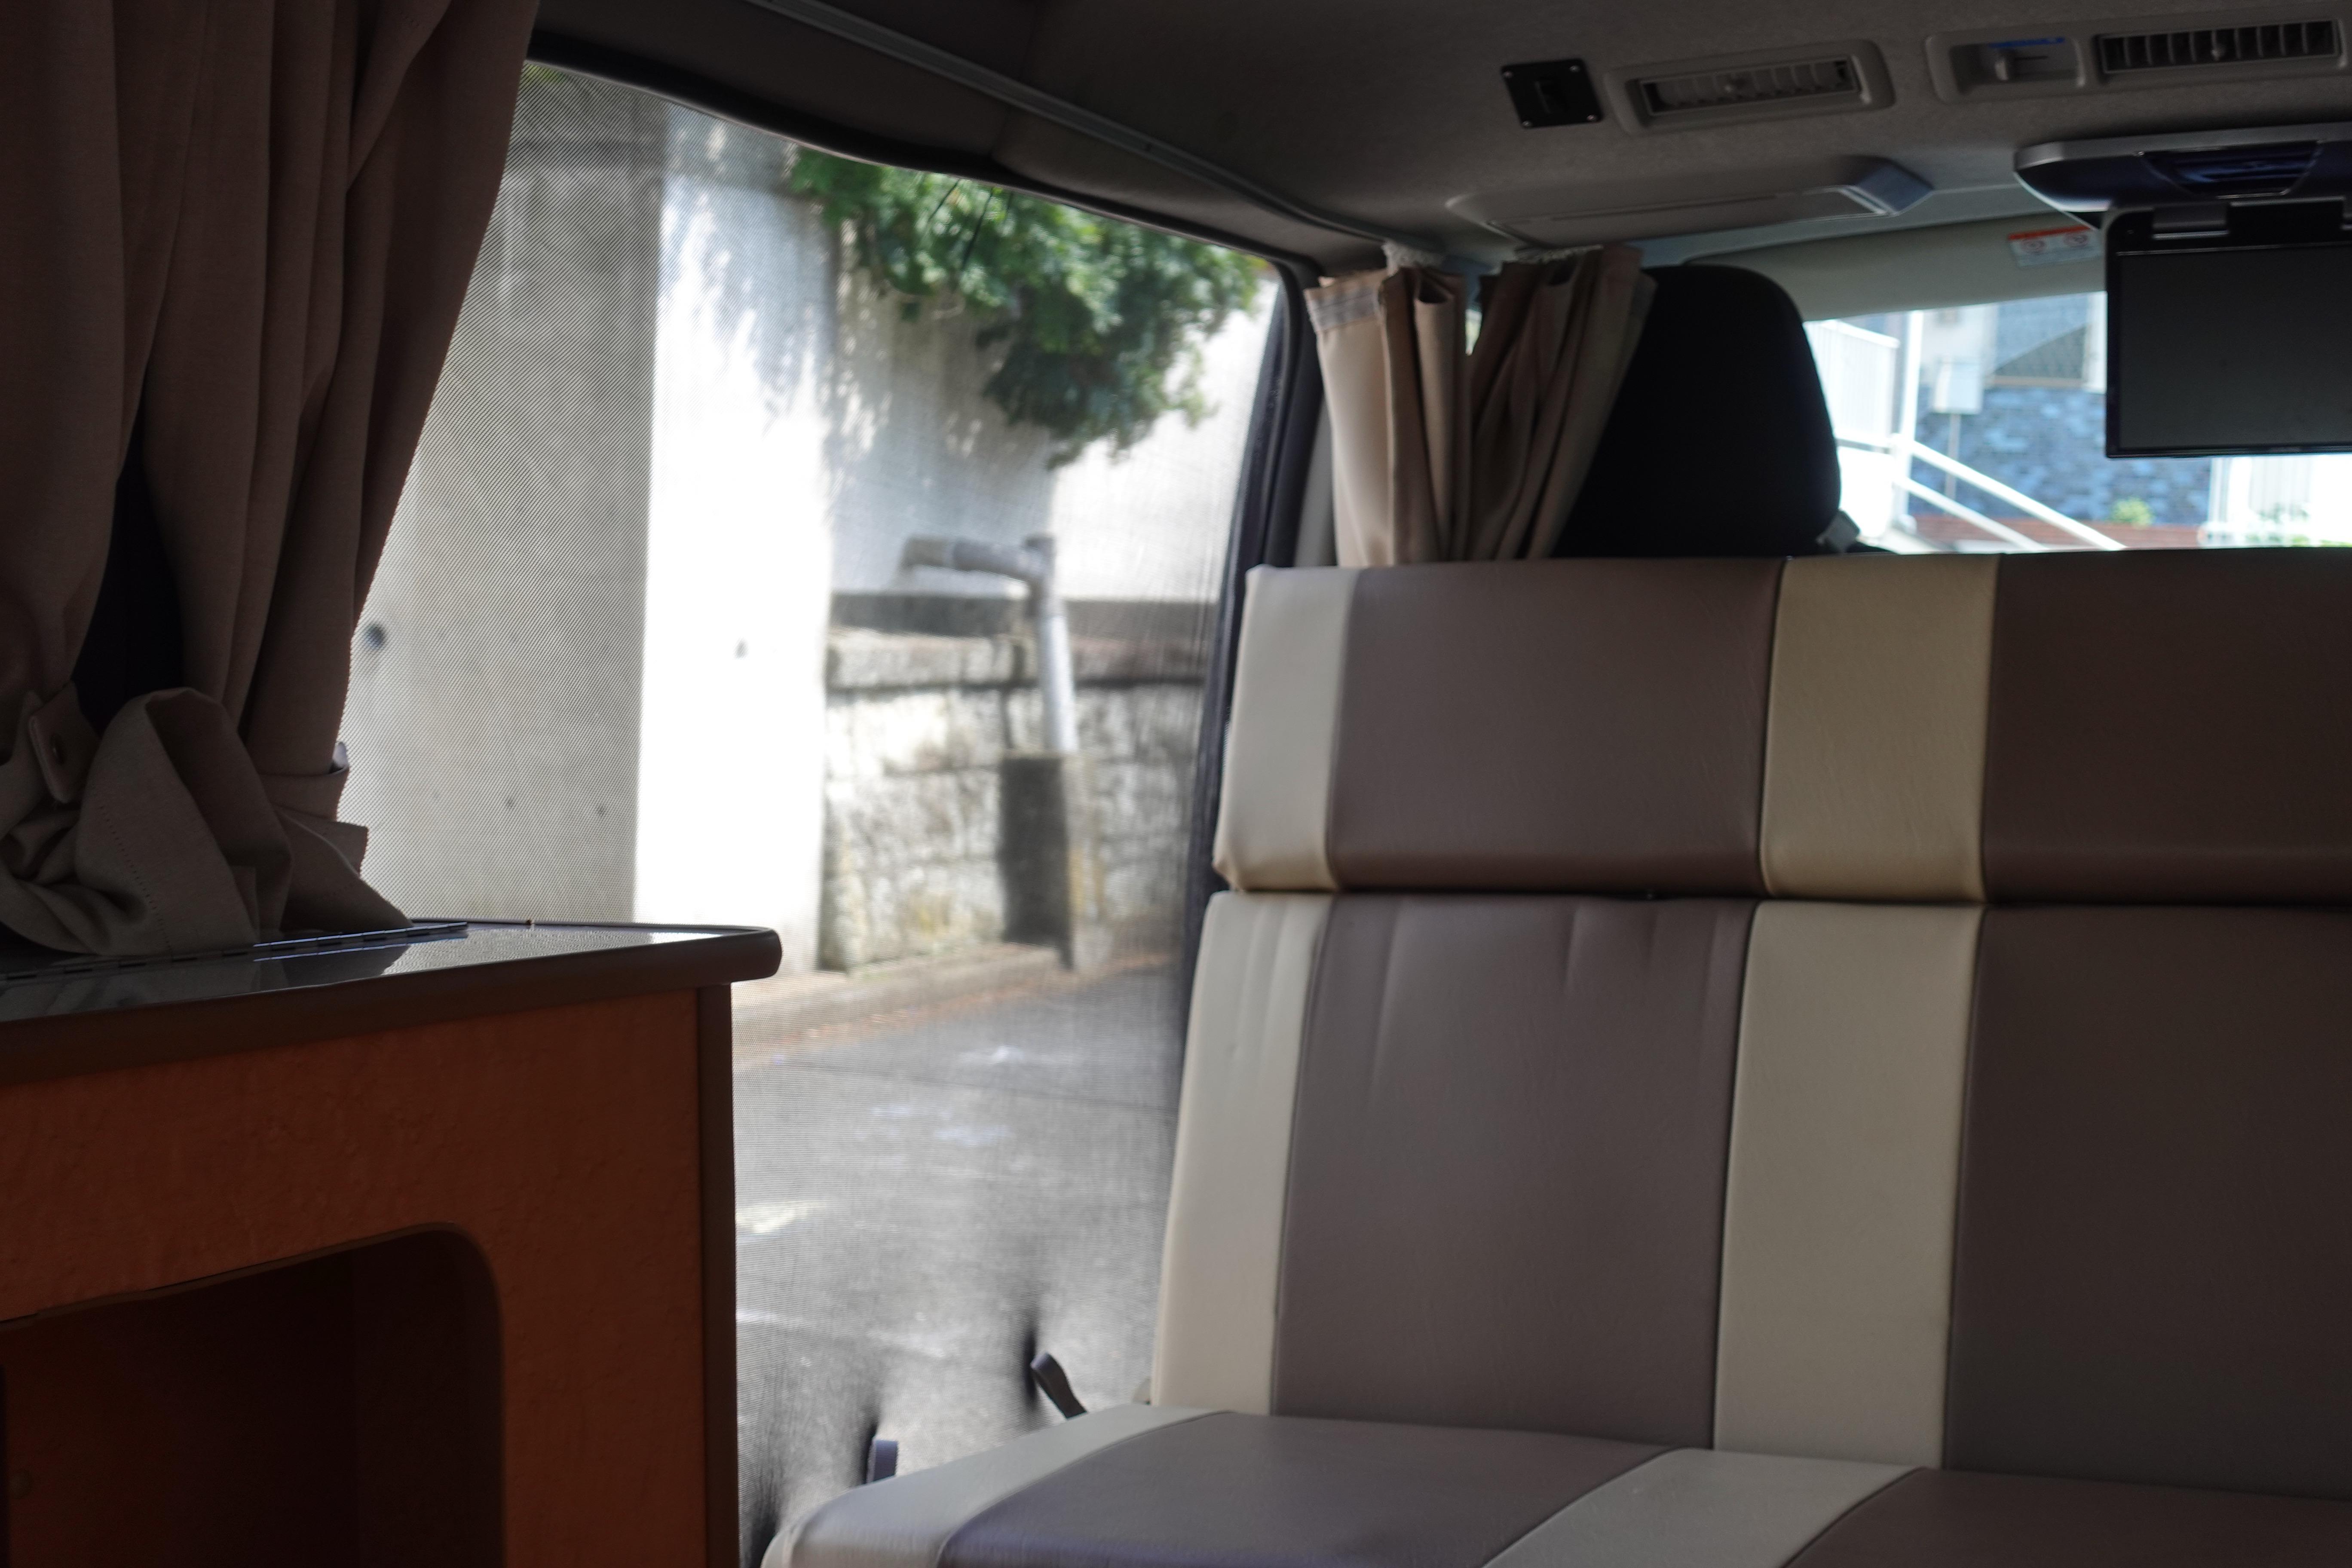 (4)内観(車中泊できるスペース) マグネット式網戸ネットが付属。側面スライドドア、後部ハッチドアいずれも取り付け可能で夏も快適に過ごせます。